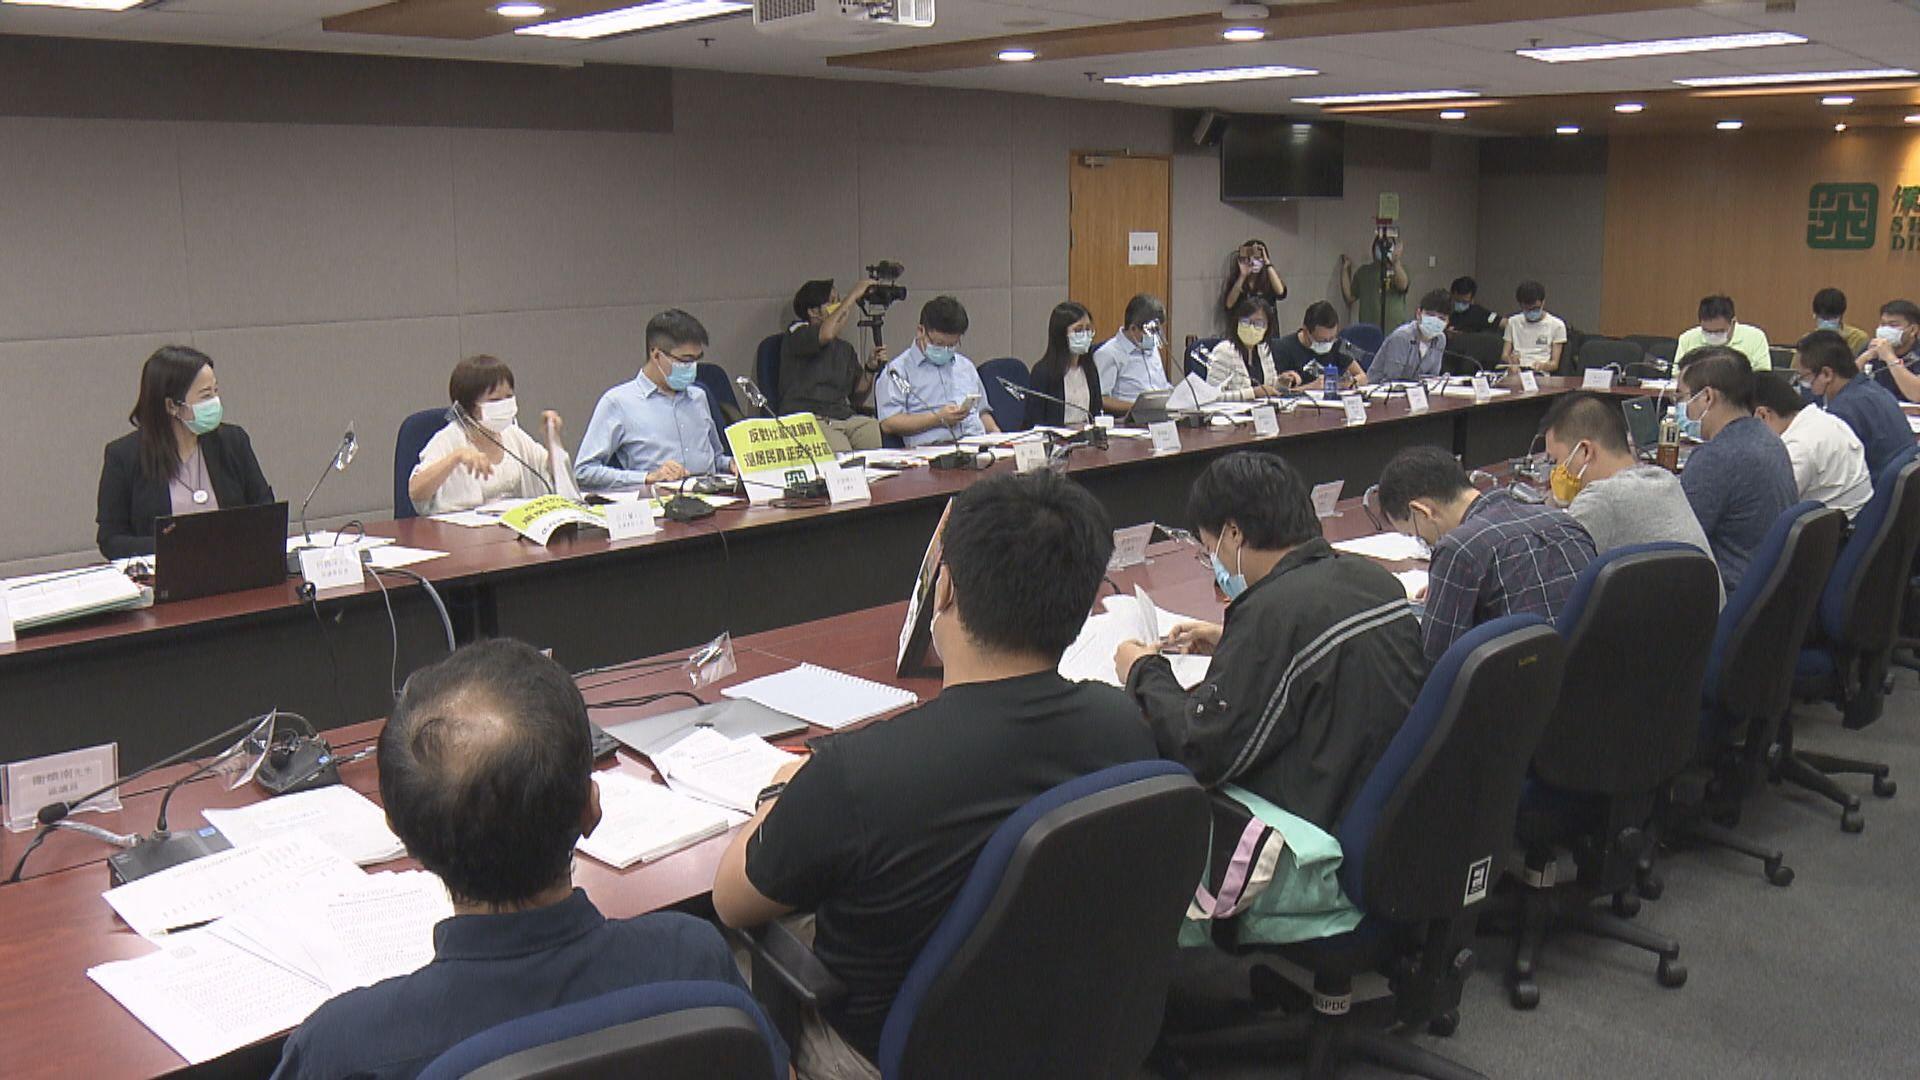 區議員宣誓結果全部揭盅 49人宣誓無效離任 包括鄺俊宇